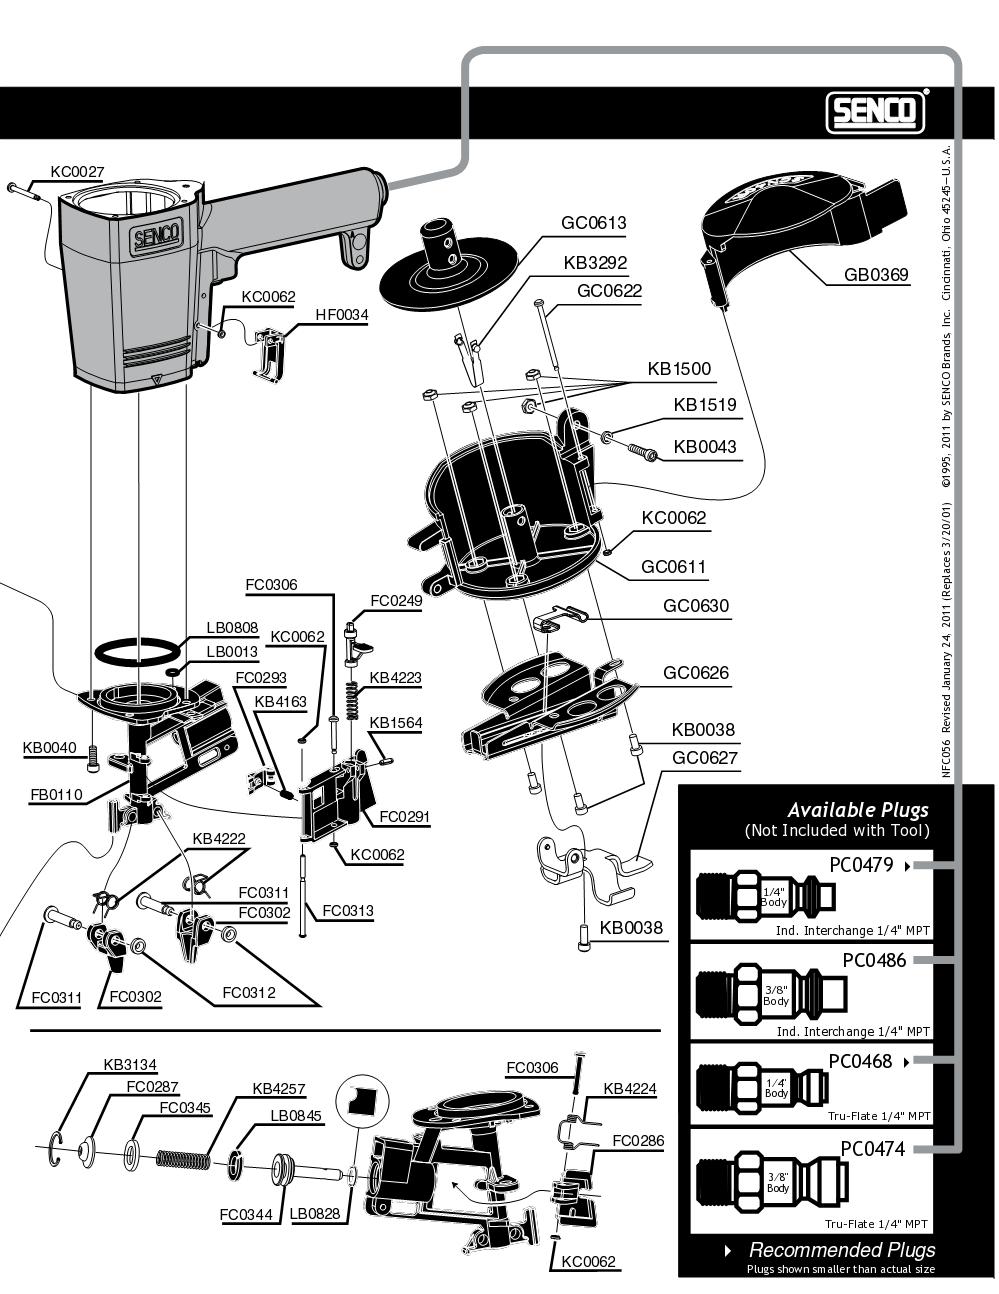 560001-senco-PB-1Break Down